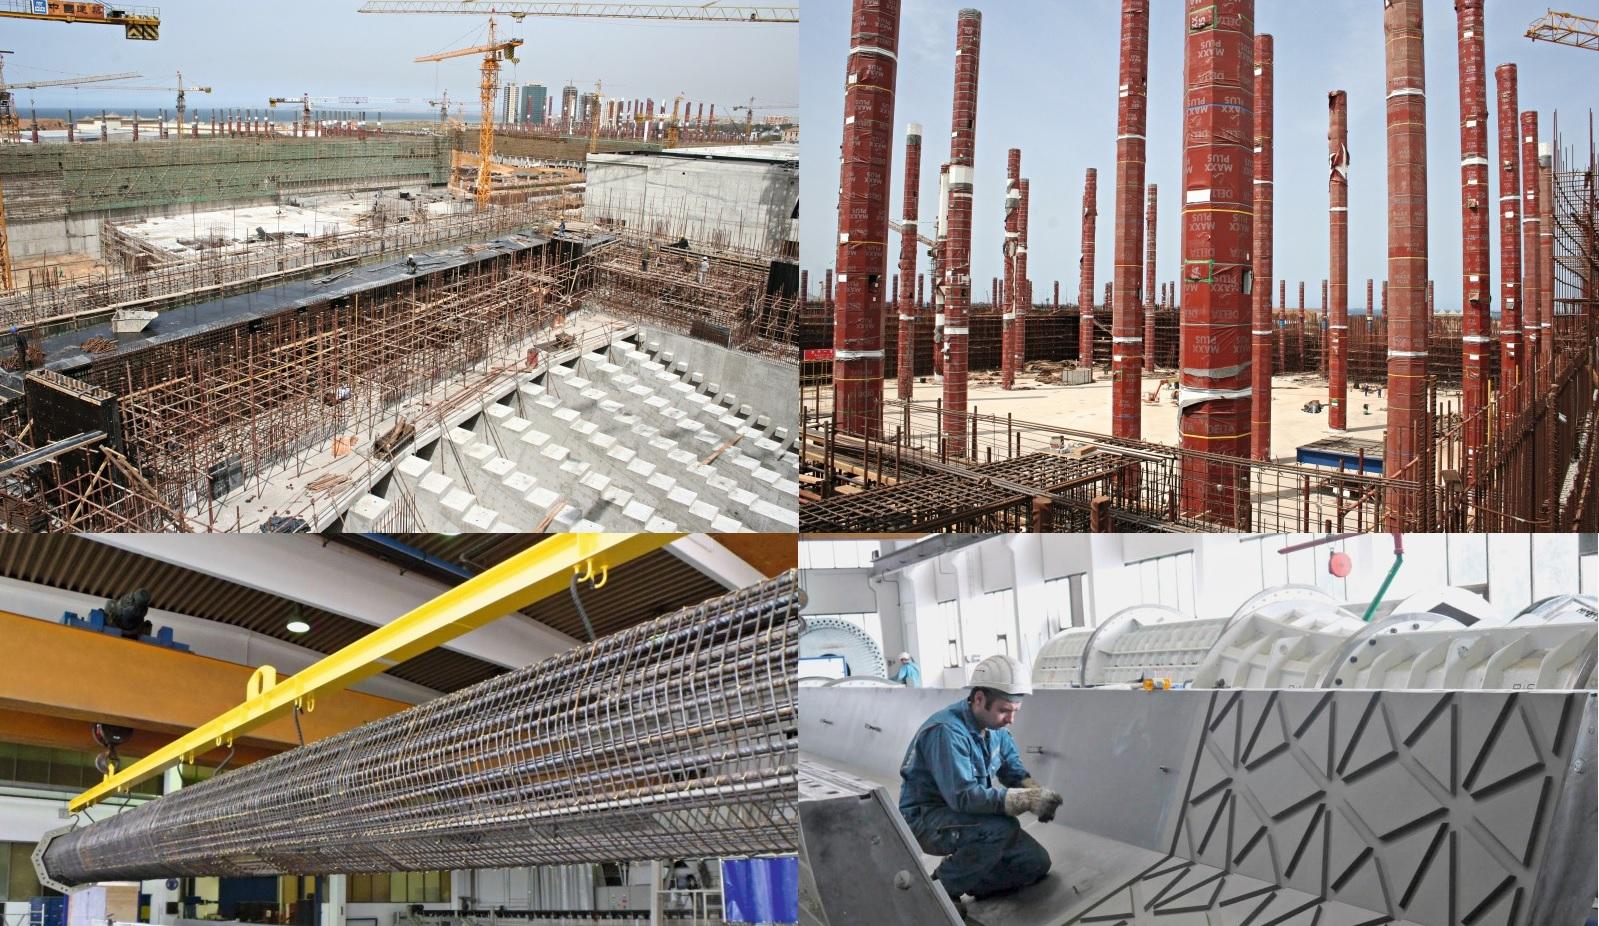 مشروع جامع الجزائر الأعظم: إعطاء إشارة إنطلاق أشغال الإنجاز - صفحة 7 971475513